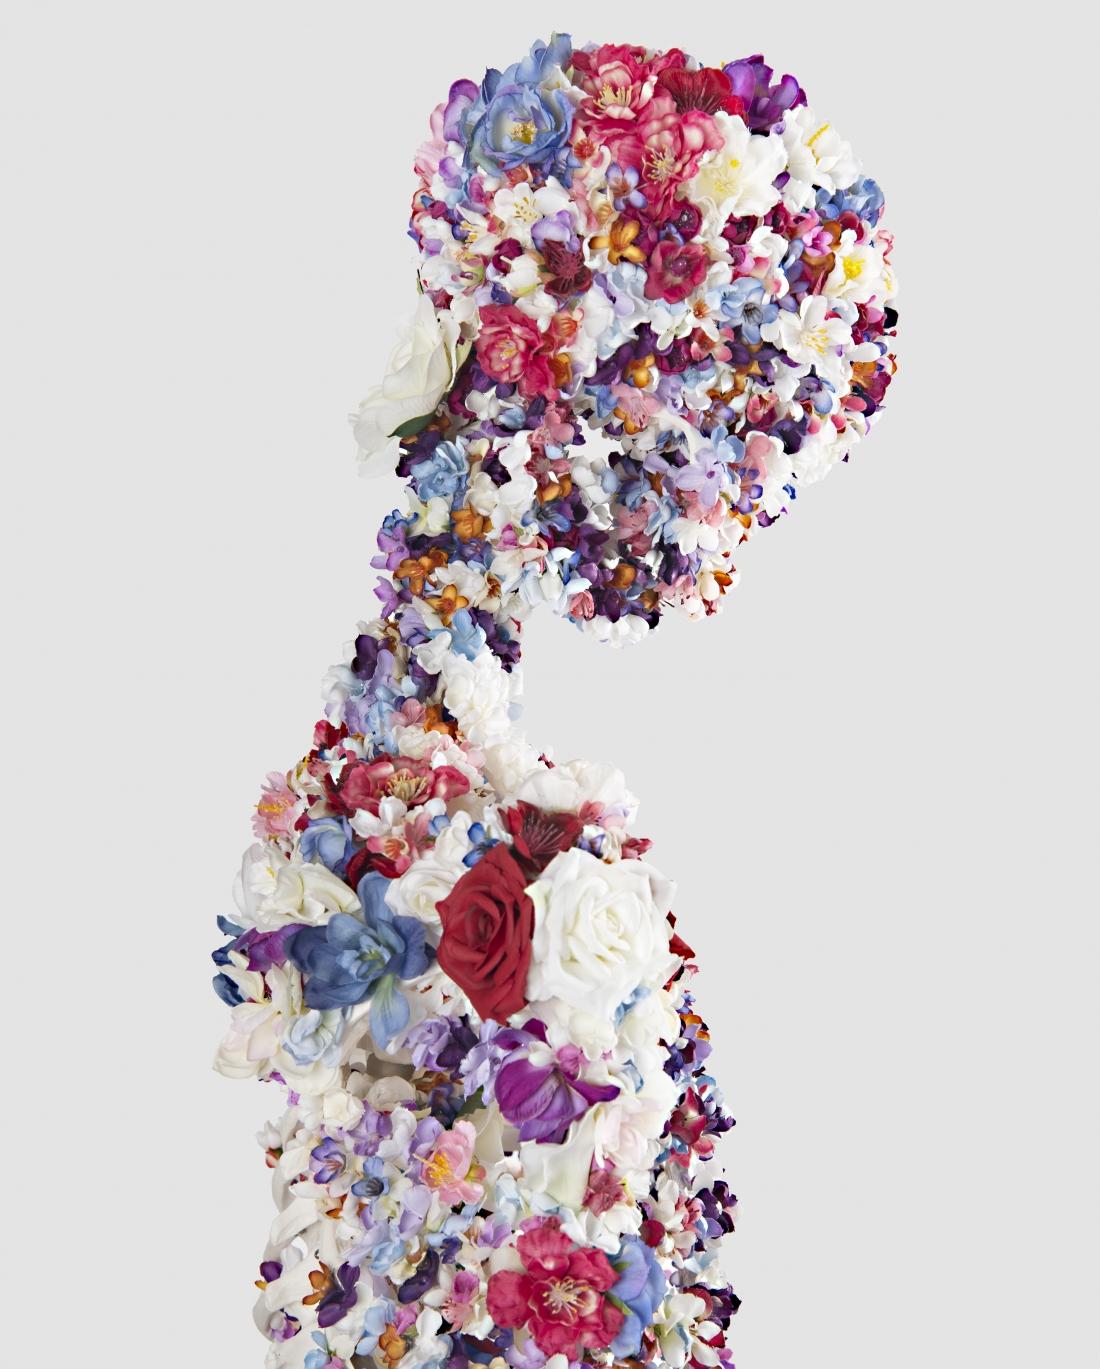 Rebirth © Tanya Maria Dyhin